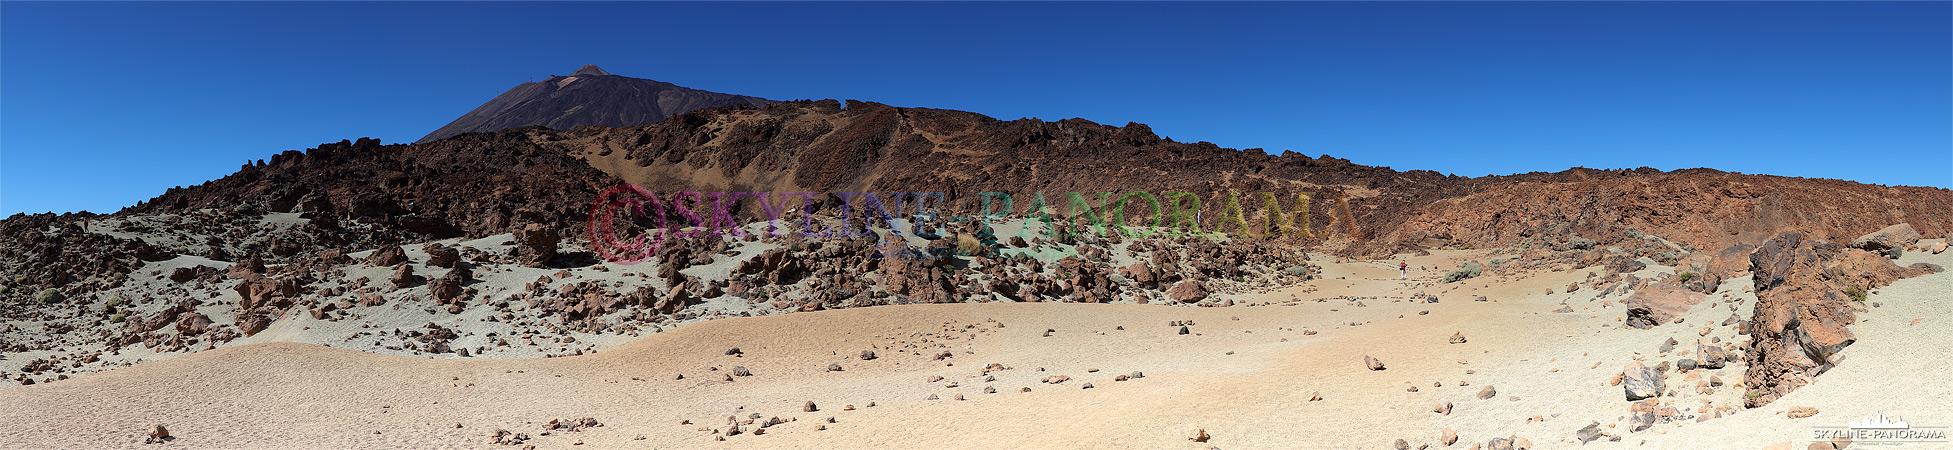 Bilder Teneriffa - Blick von der Ebene Minas de San José aus auf den über 3700 Meter hoch gelegenen Gipfel des Pico del Teide.